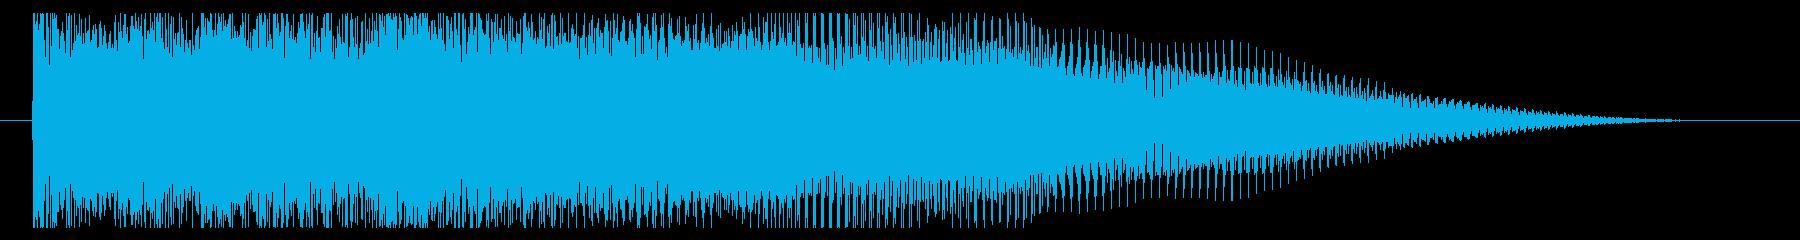 激しいエレキのジングルの再生済みの波形